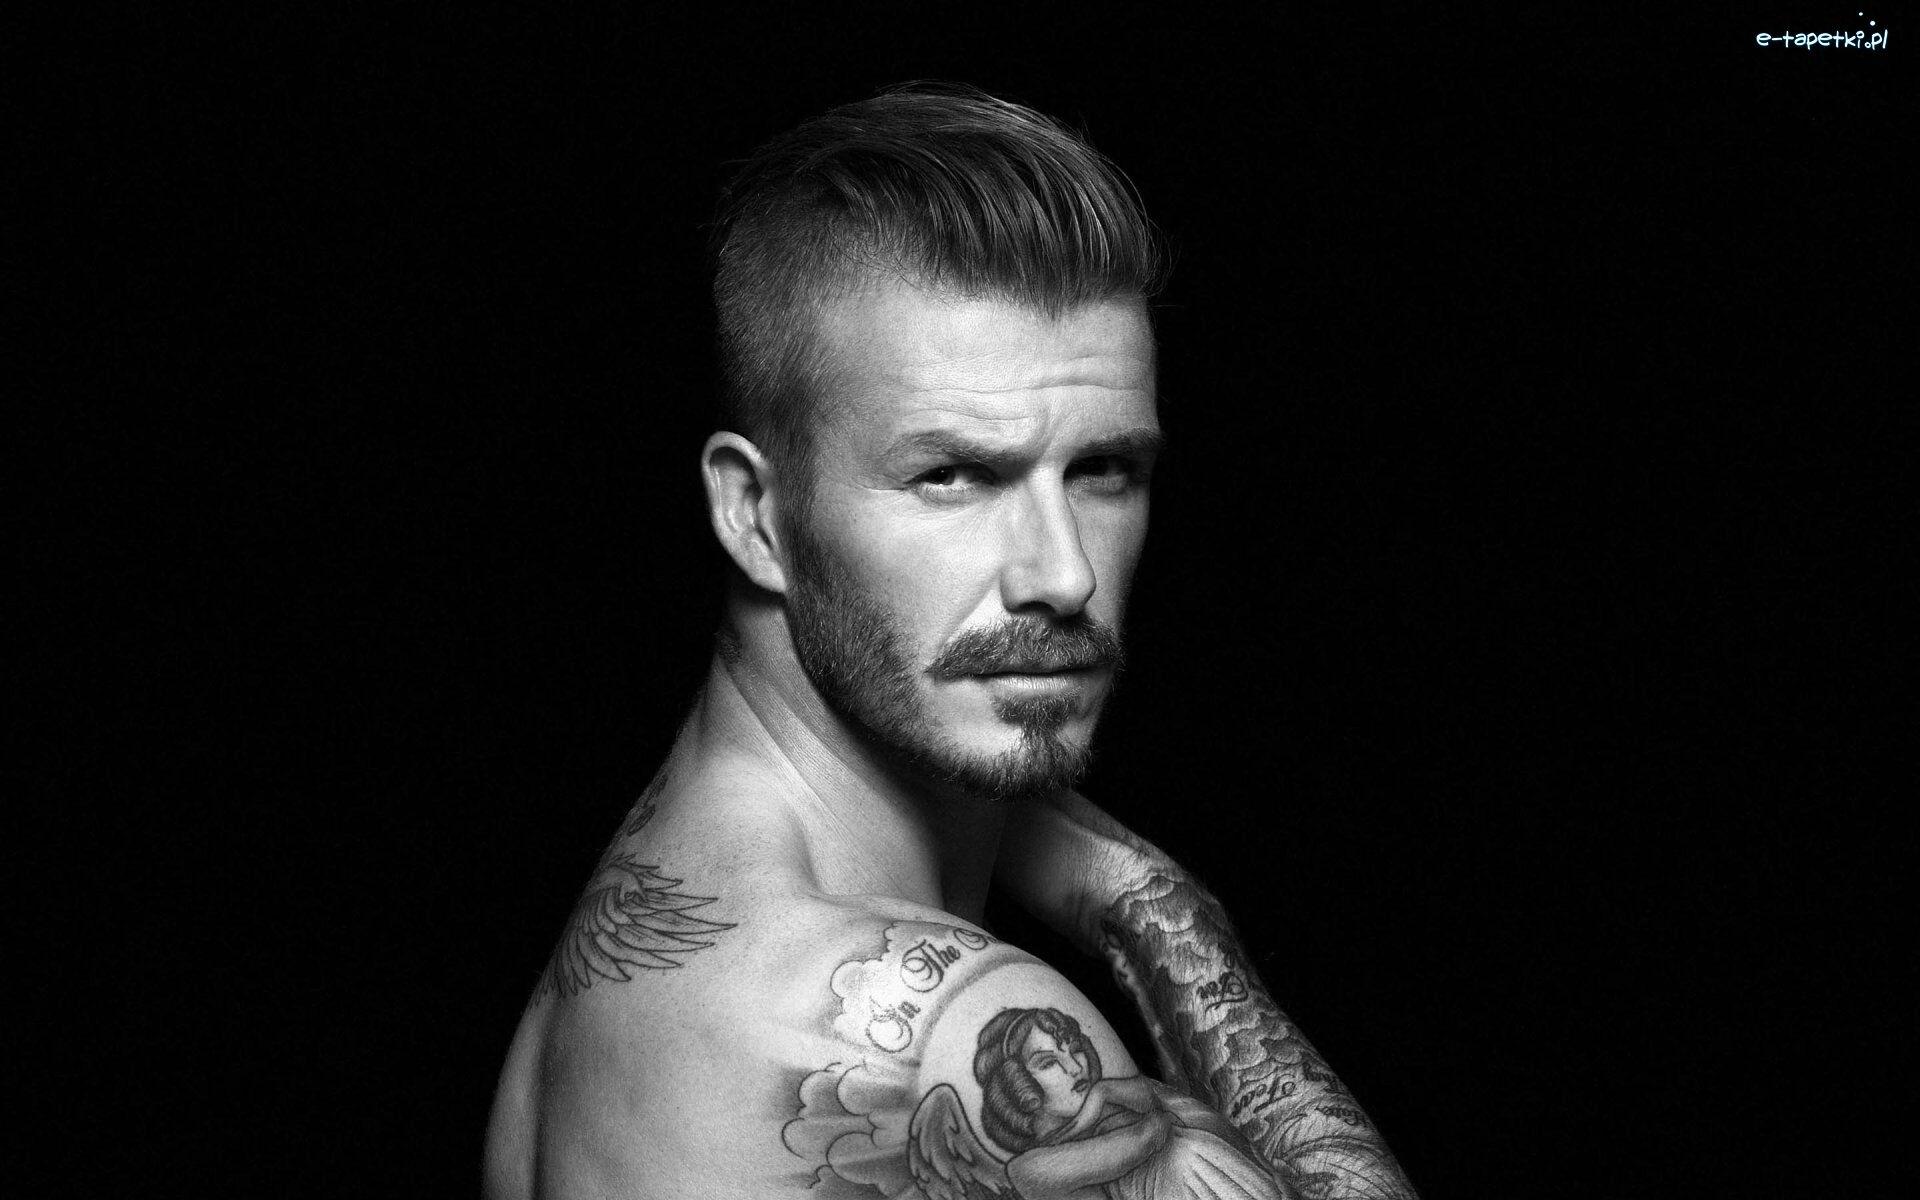 David Beckham Piłkarz Tatuaż